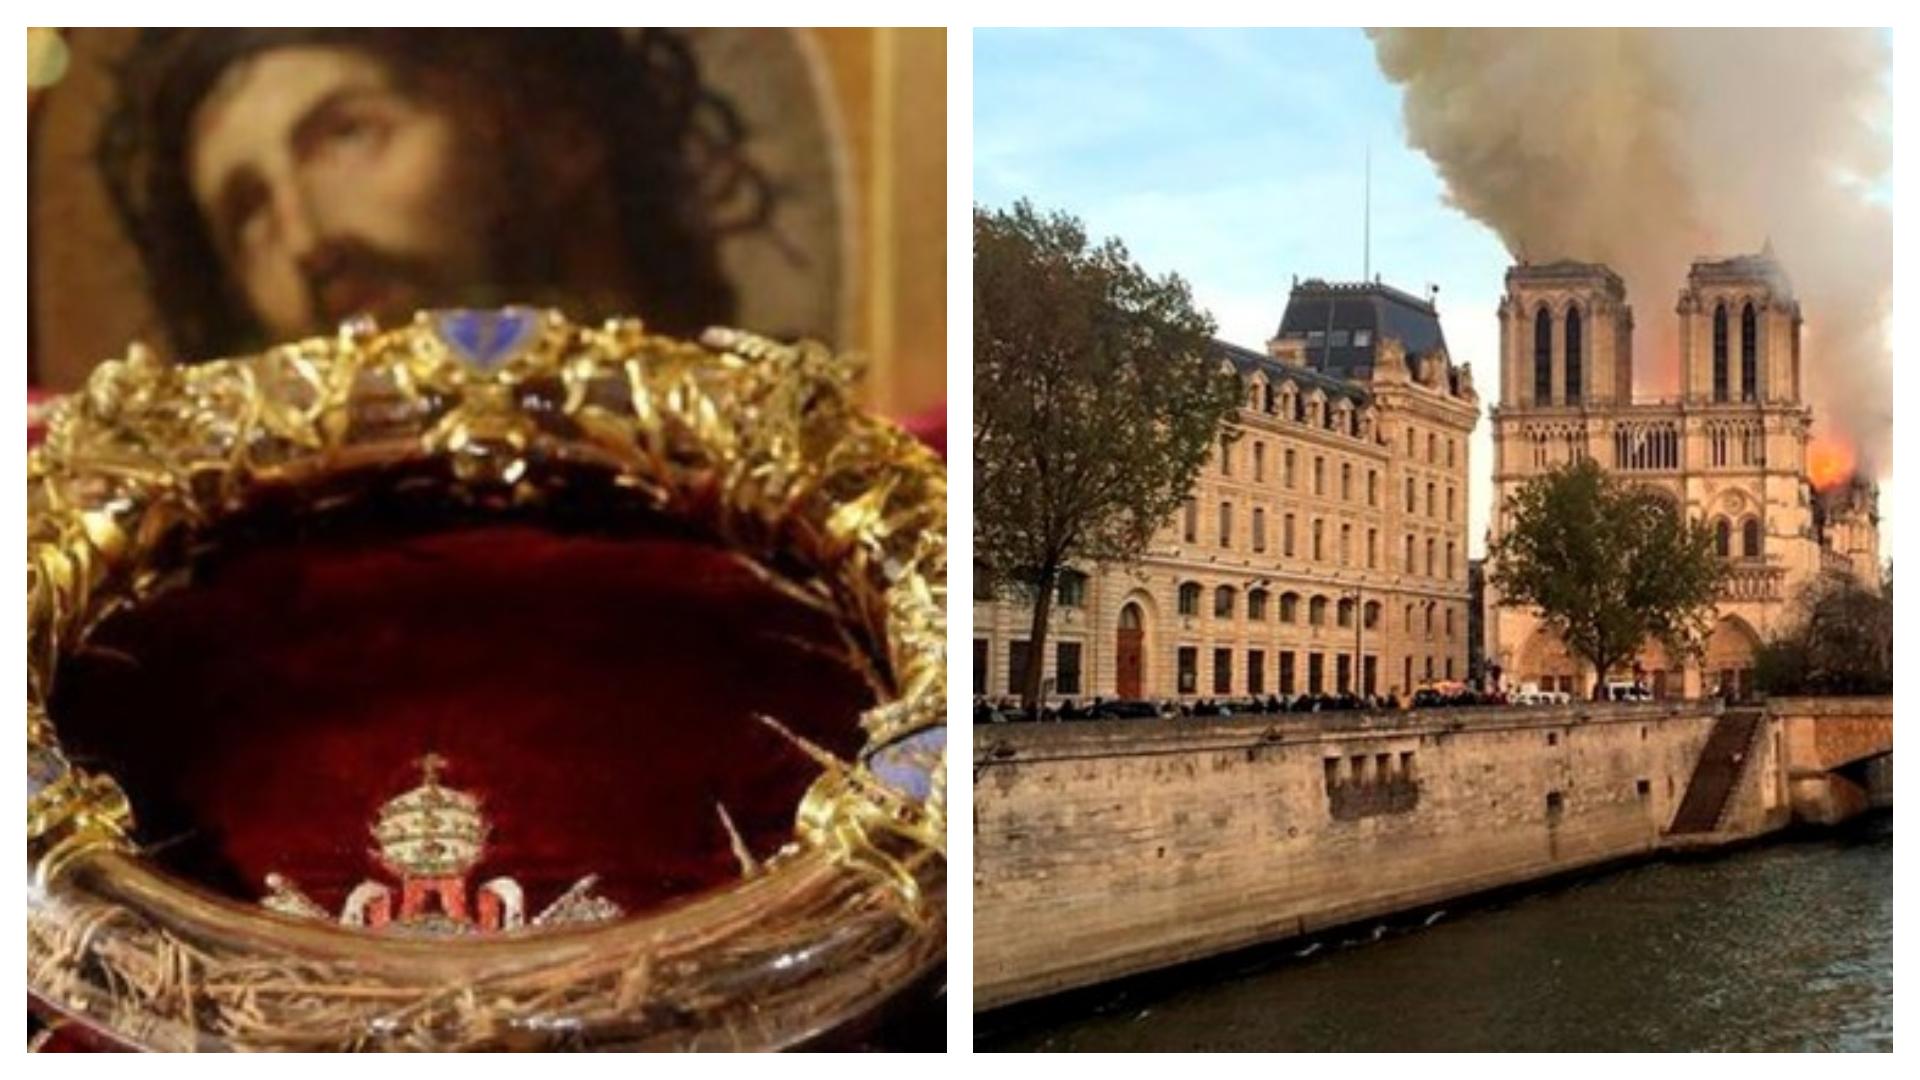 Notre-Dame | Pompierii au reuşit să salveze coroana de spini lui Iisus. Apel internaţional de strângere de fonduri pentru reconstrucţie